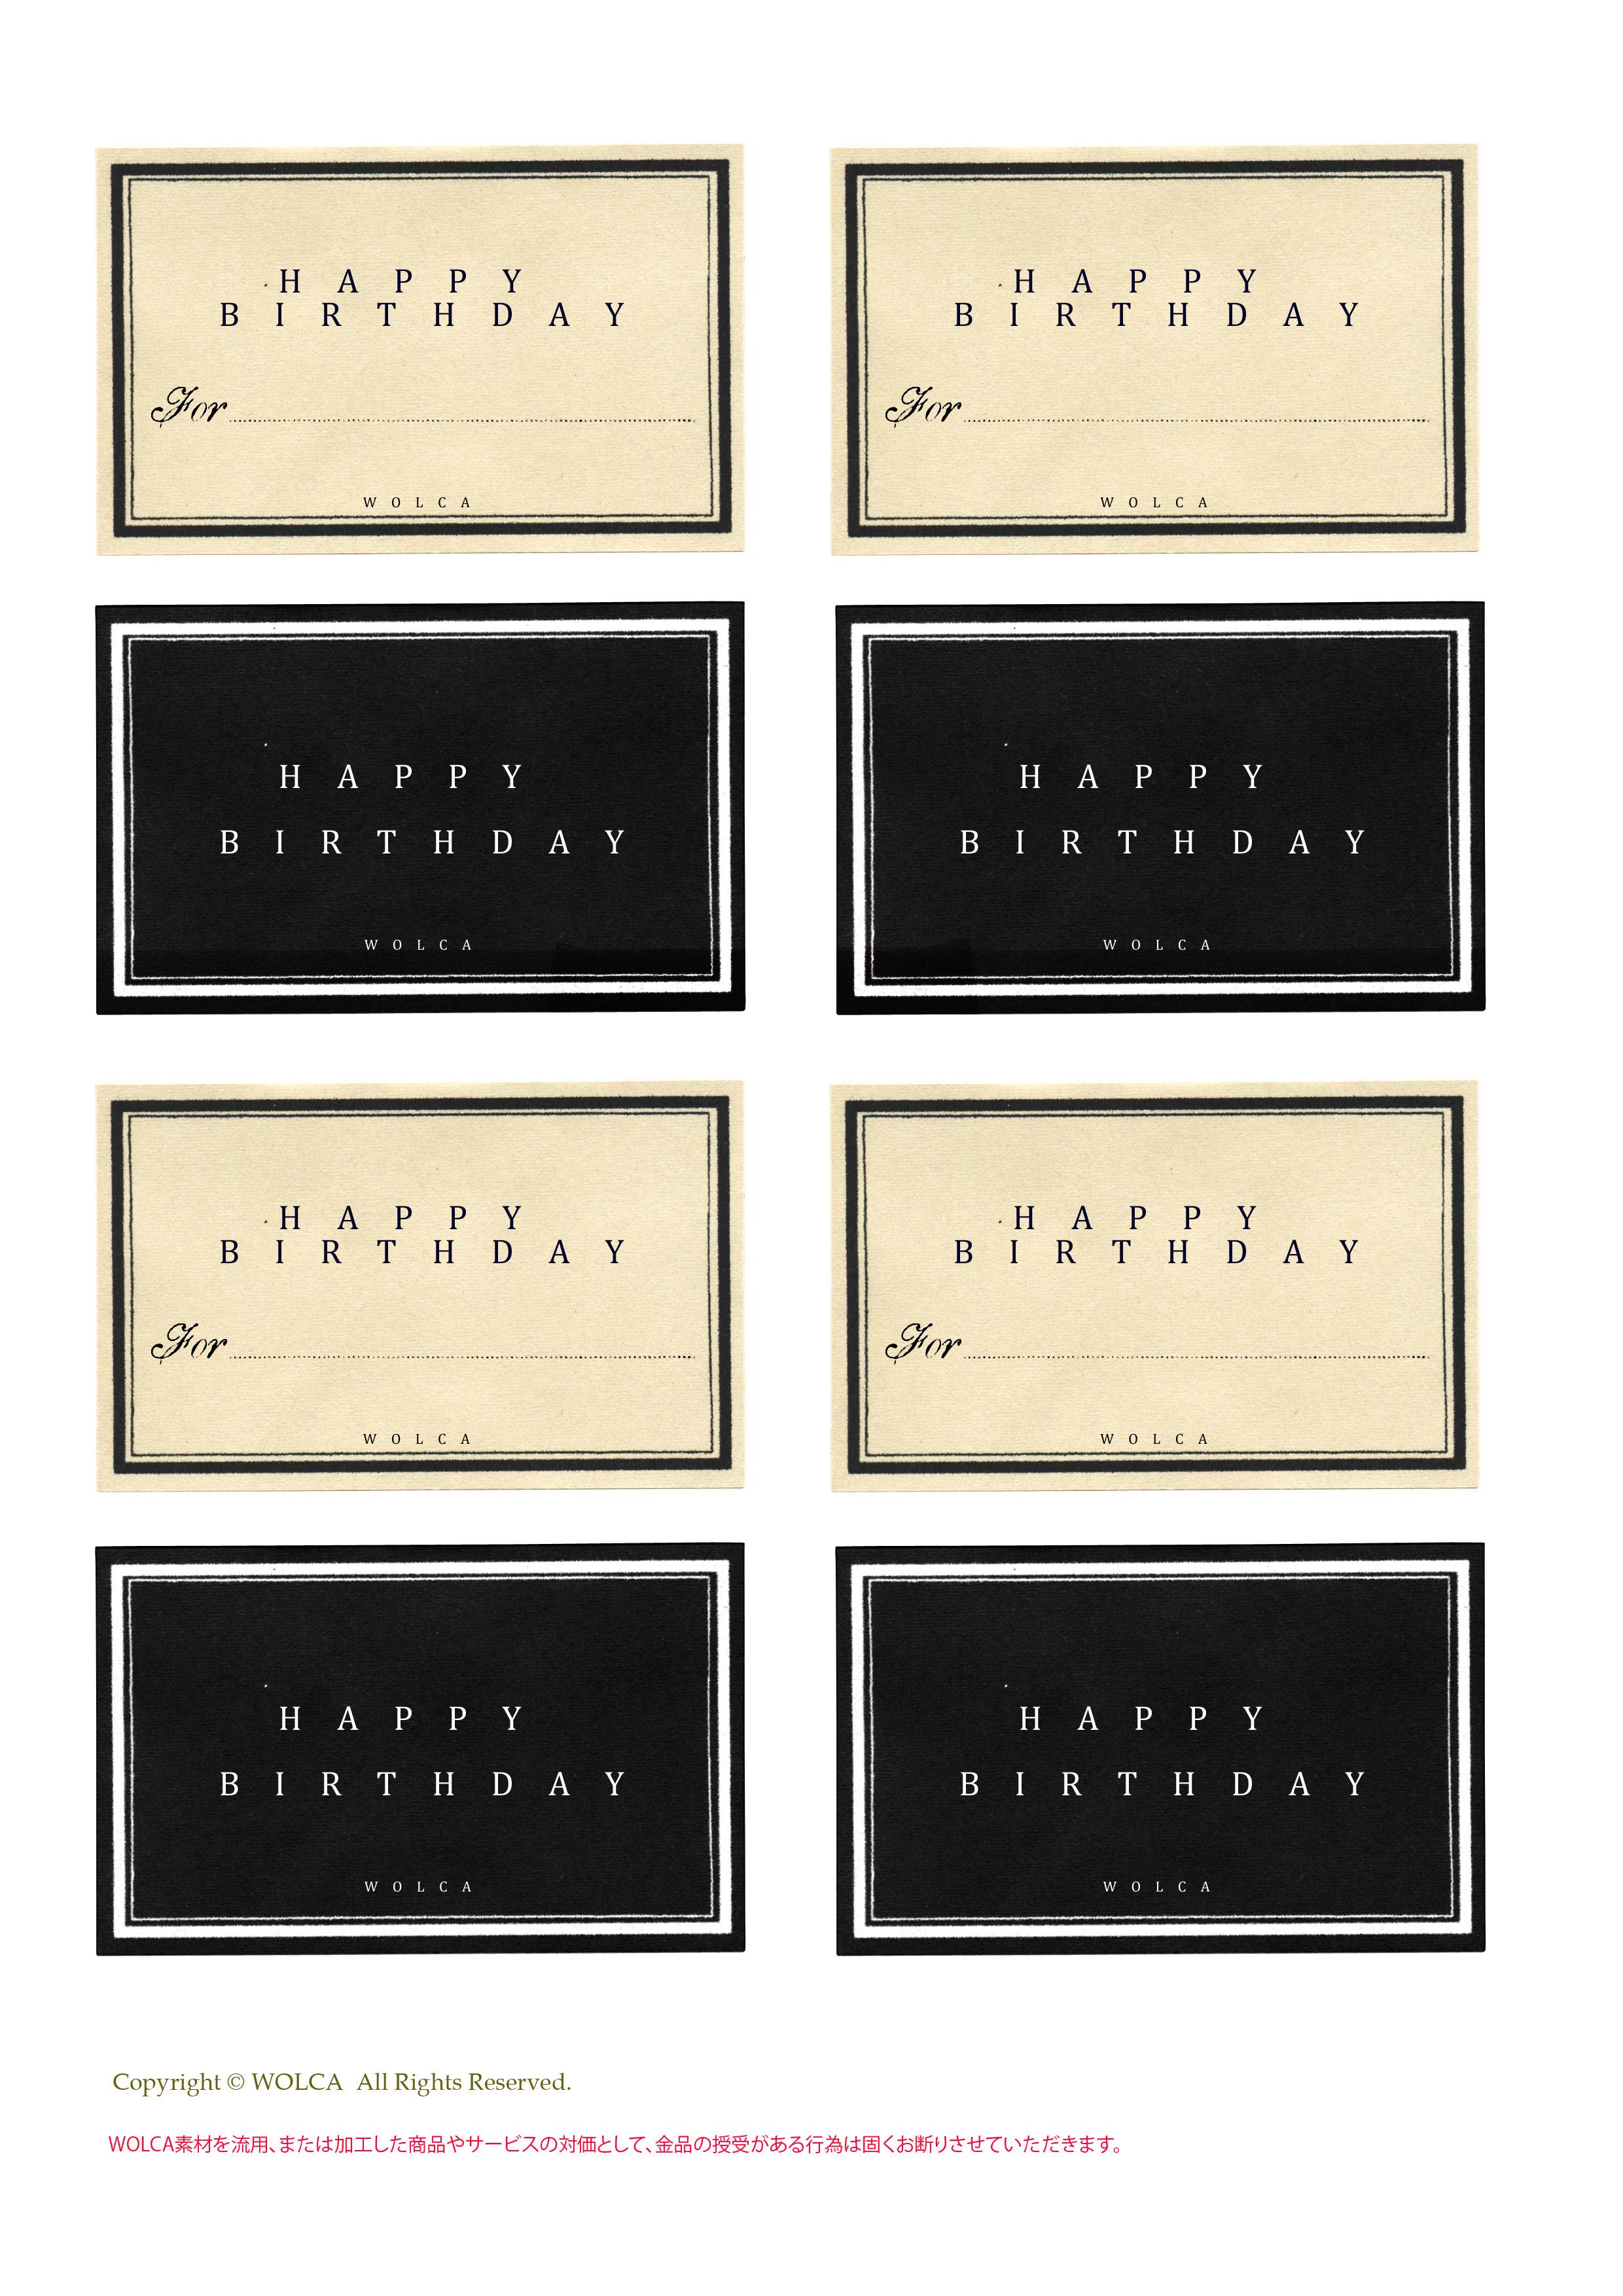 やイベントに使う手作りカード ... : メッセージカード テンプレート : カード